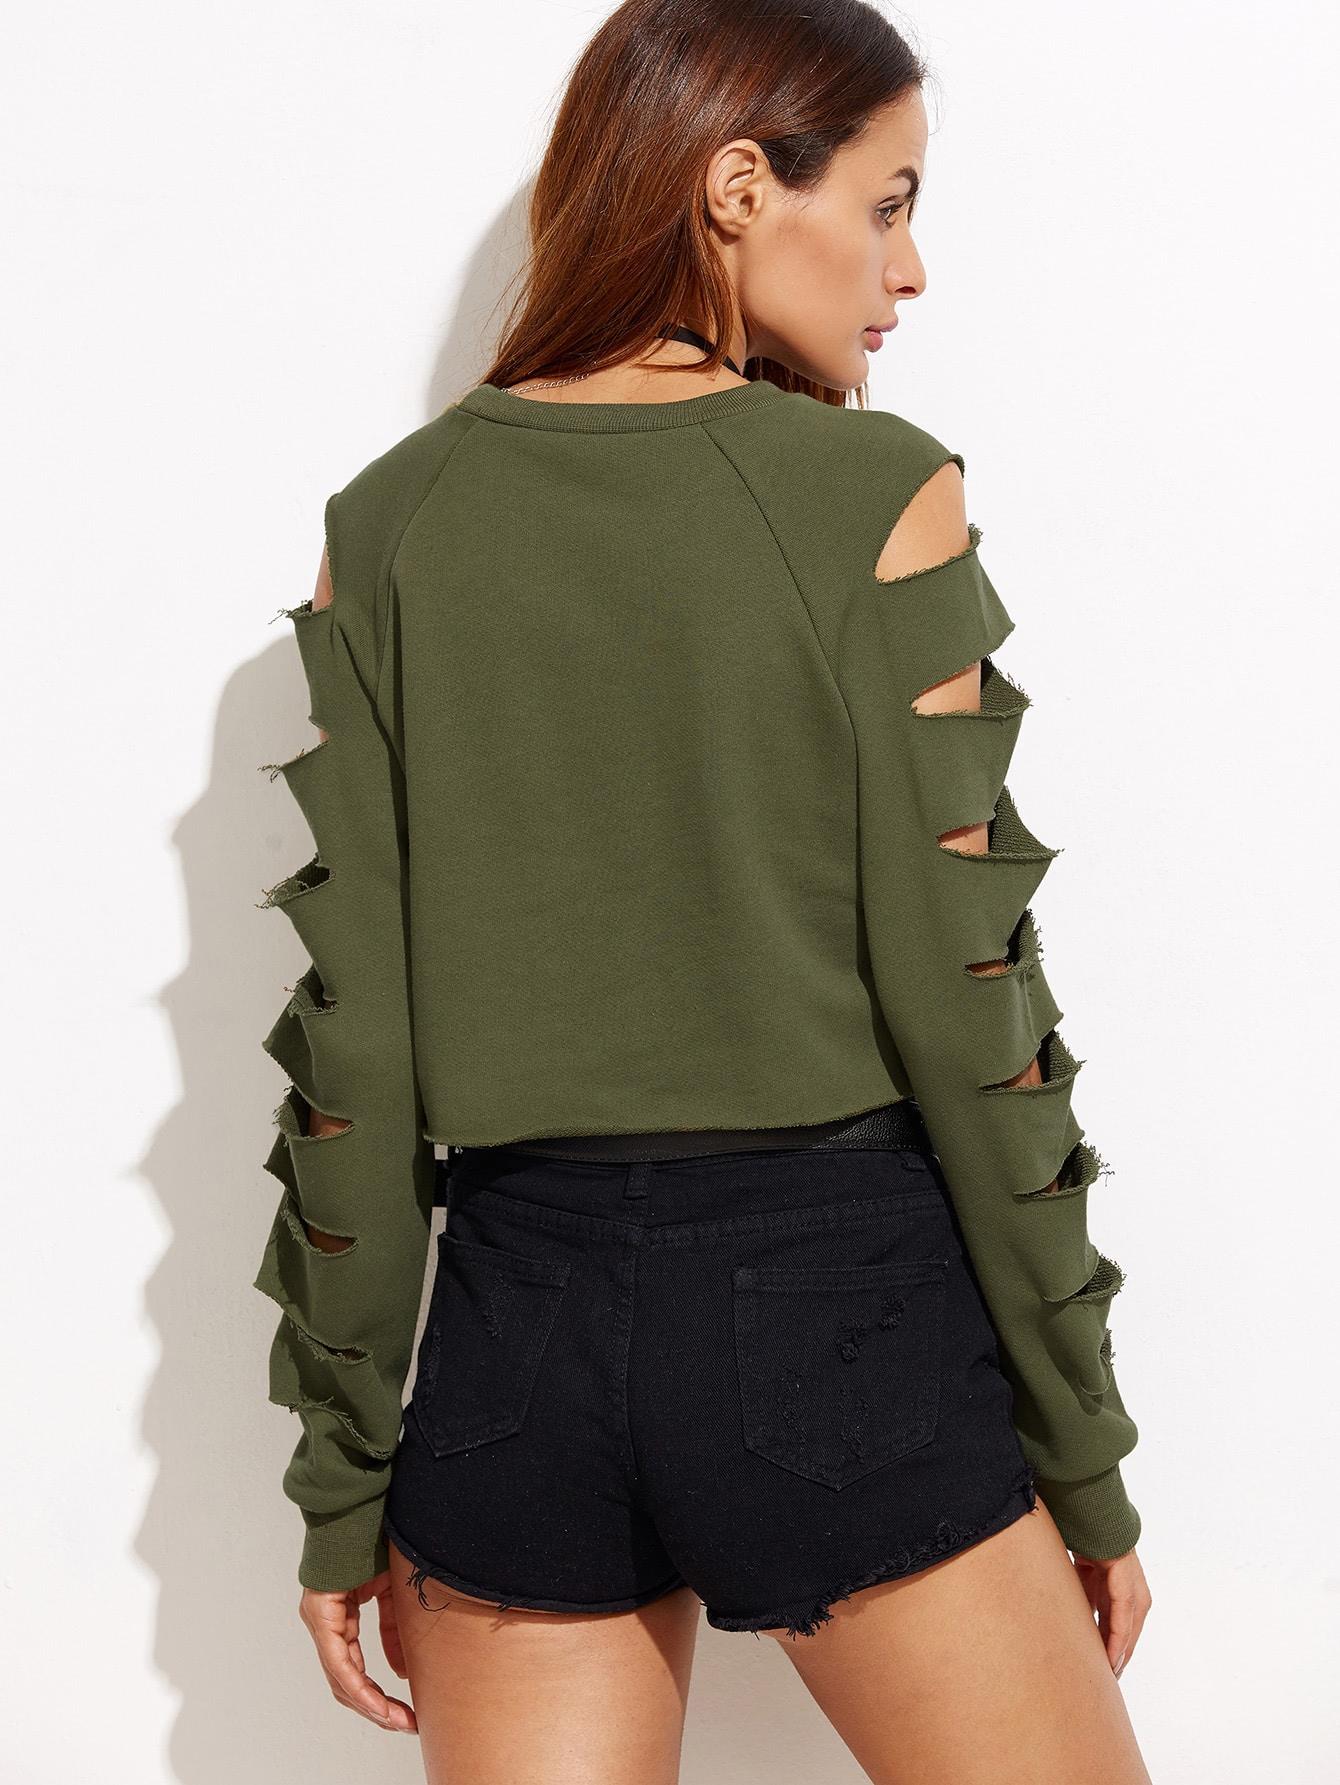 sweatshirt160921302_2